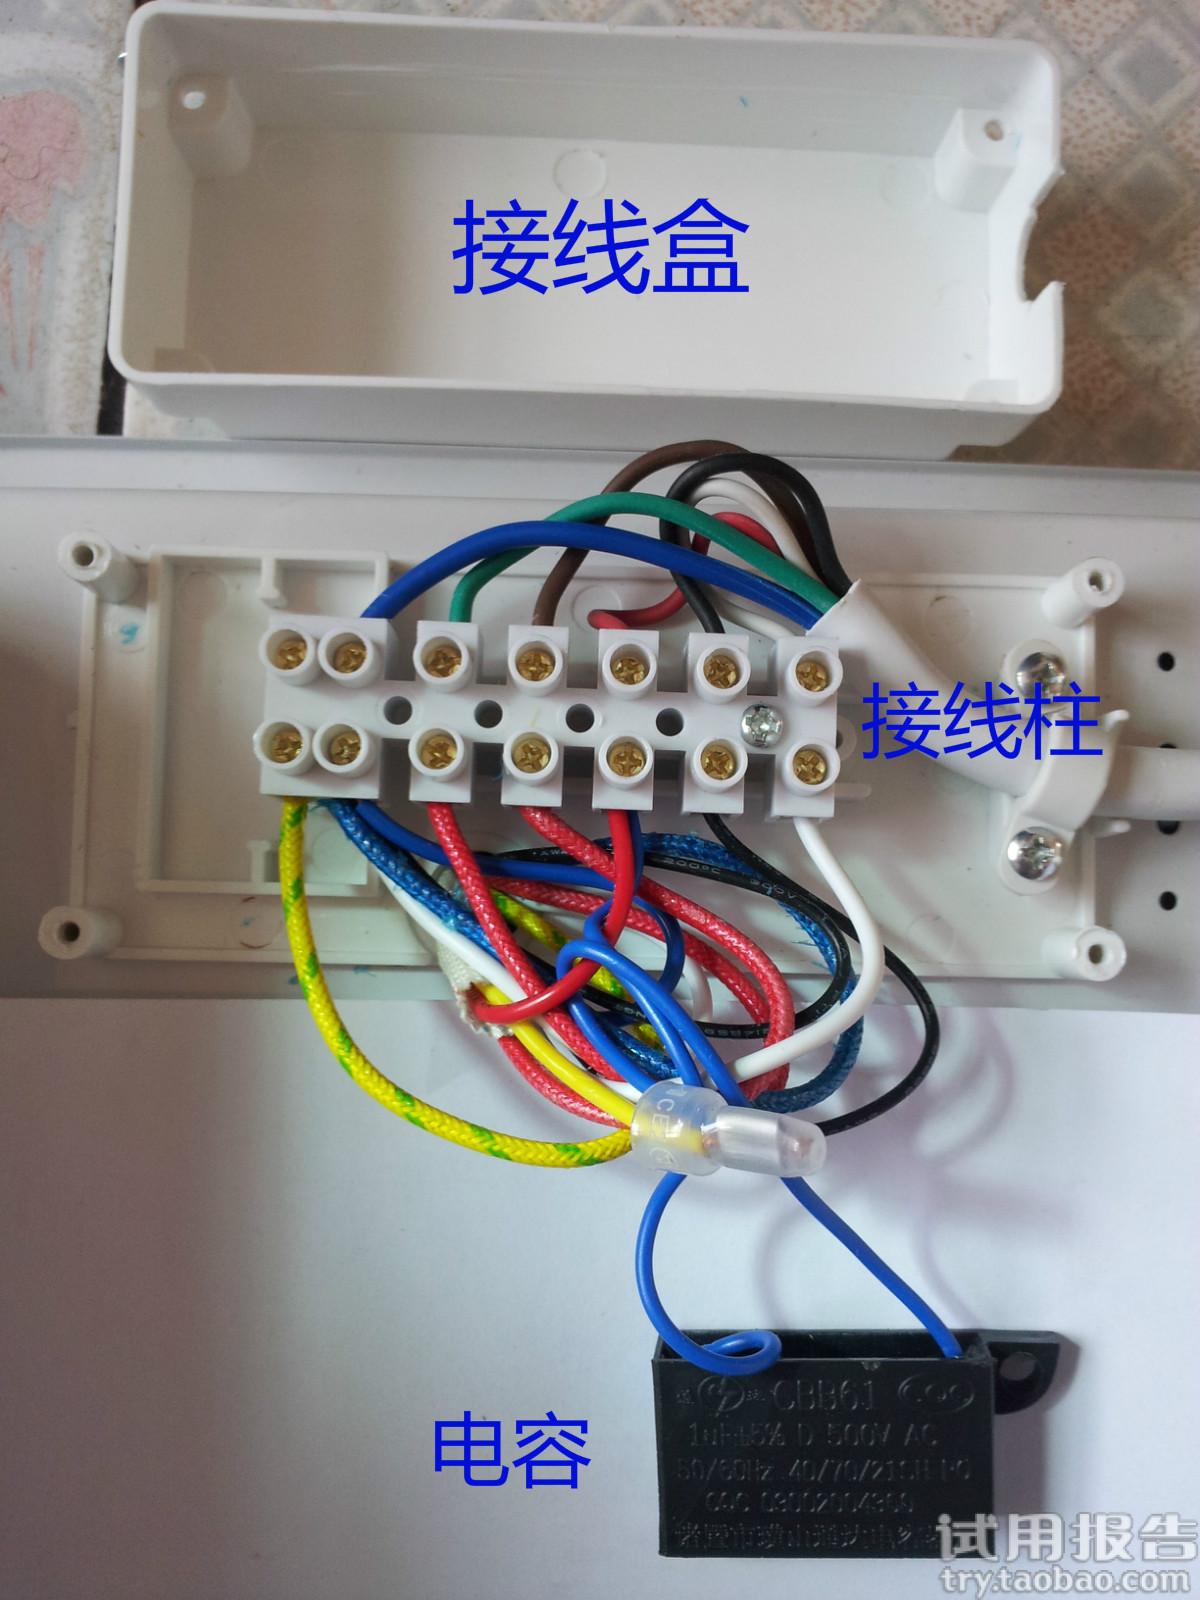 特意打开接线盒,一看里面的究竟,里面有接线柱,电容以及密密麻麻的